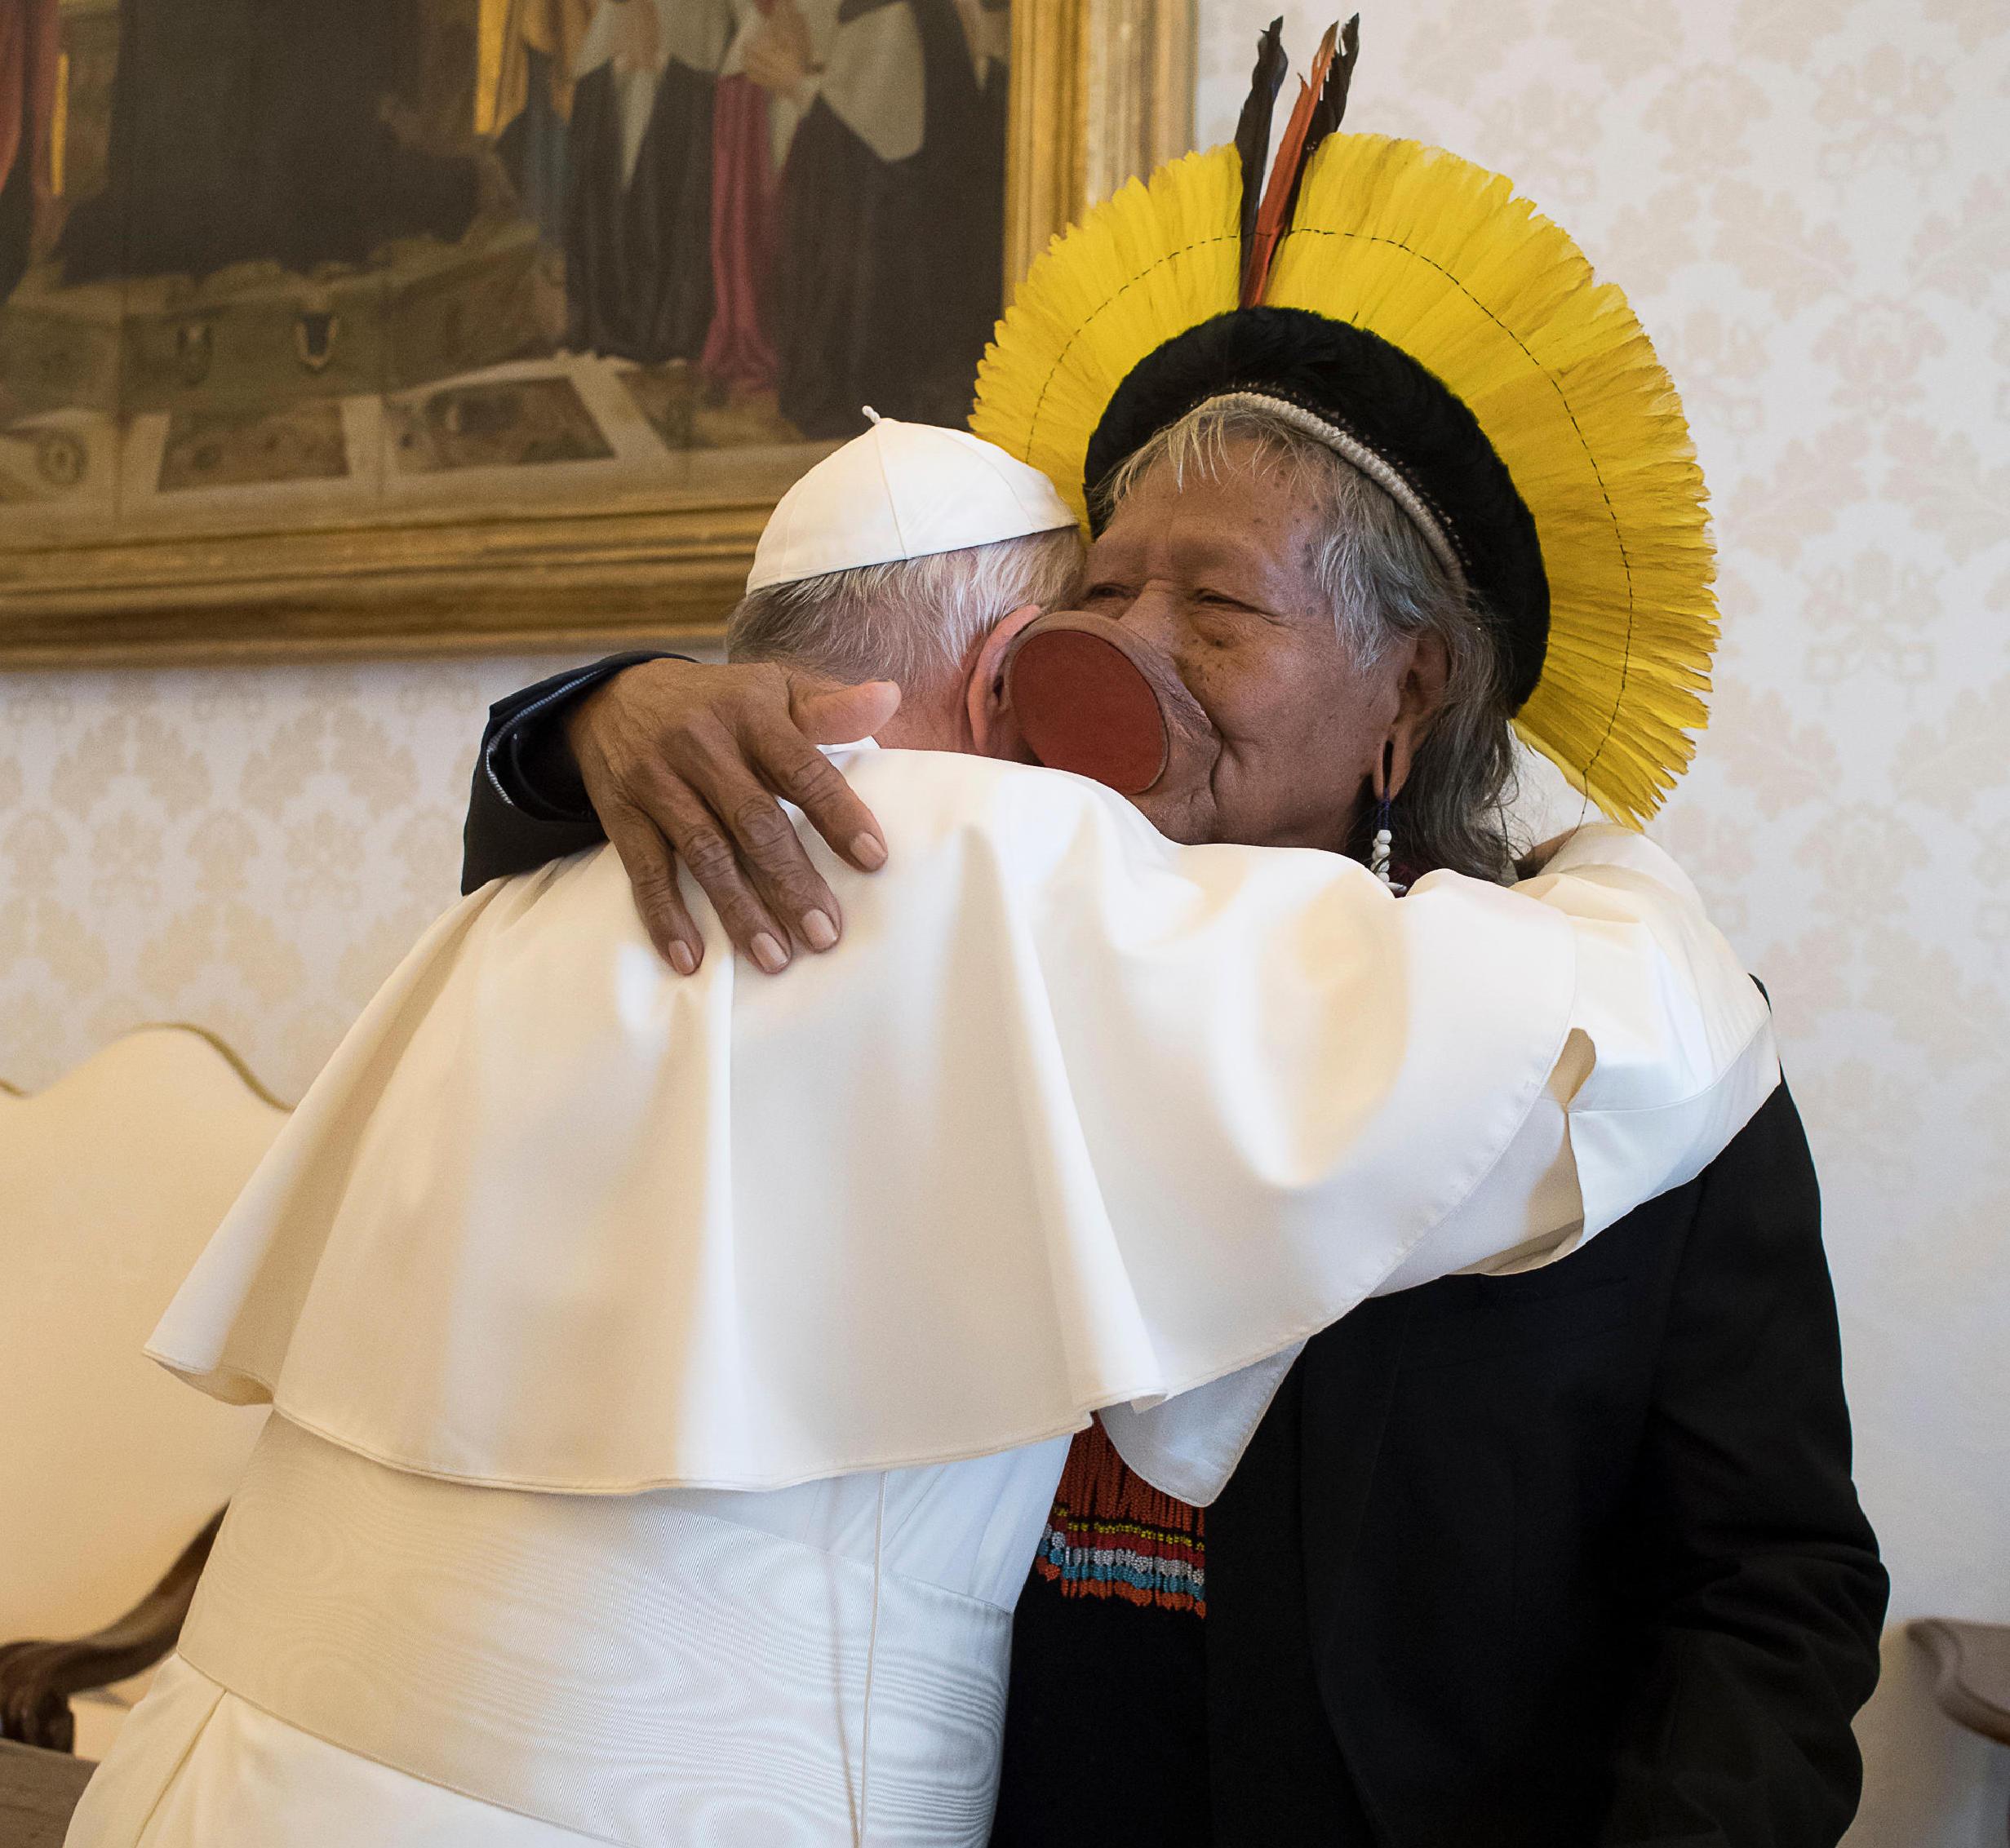 El Papa abraza el líder amazónico Roani, de la tribu brasileña Kayapó © Vatican Media